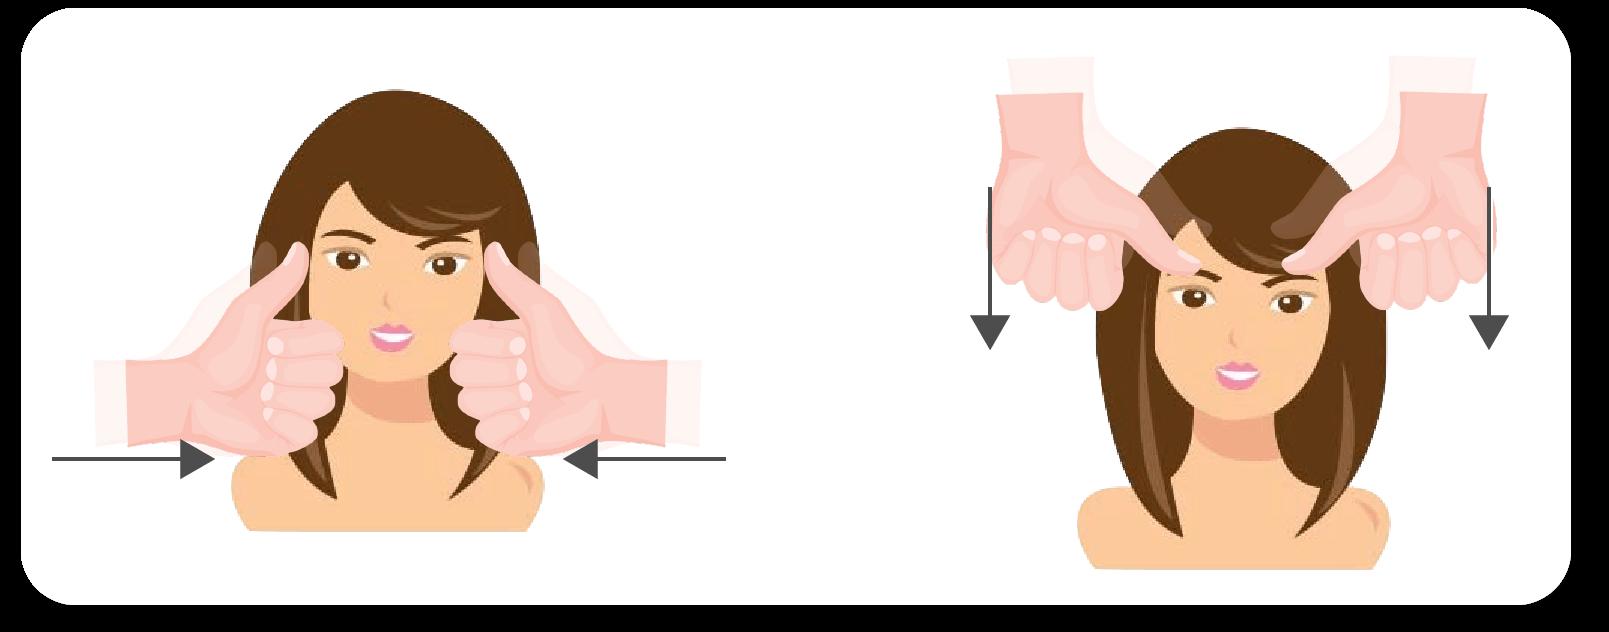 人の手感覚の揉み